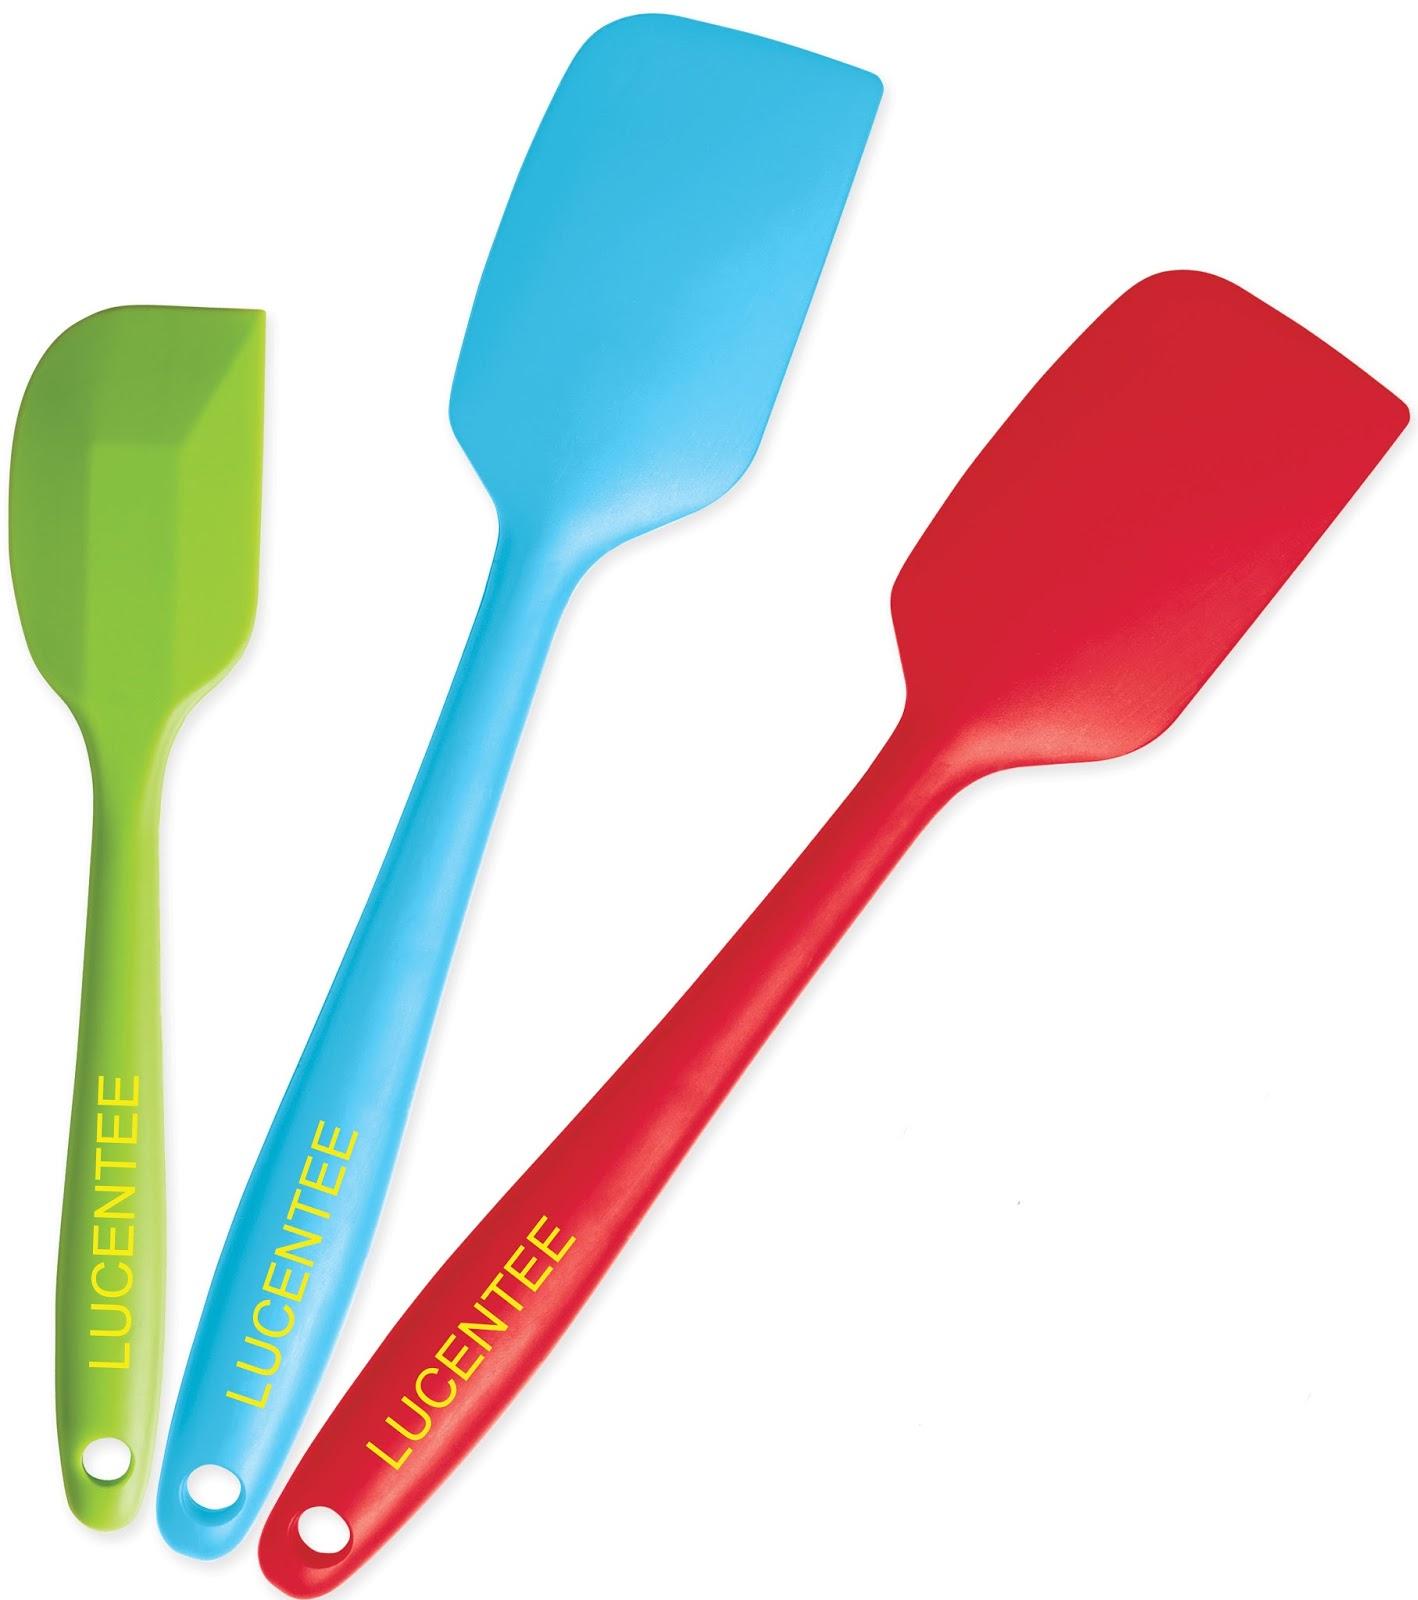 Best kitchen utensil set - Silicone Kitchen Utensil Set By Lucentee